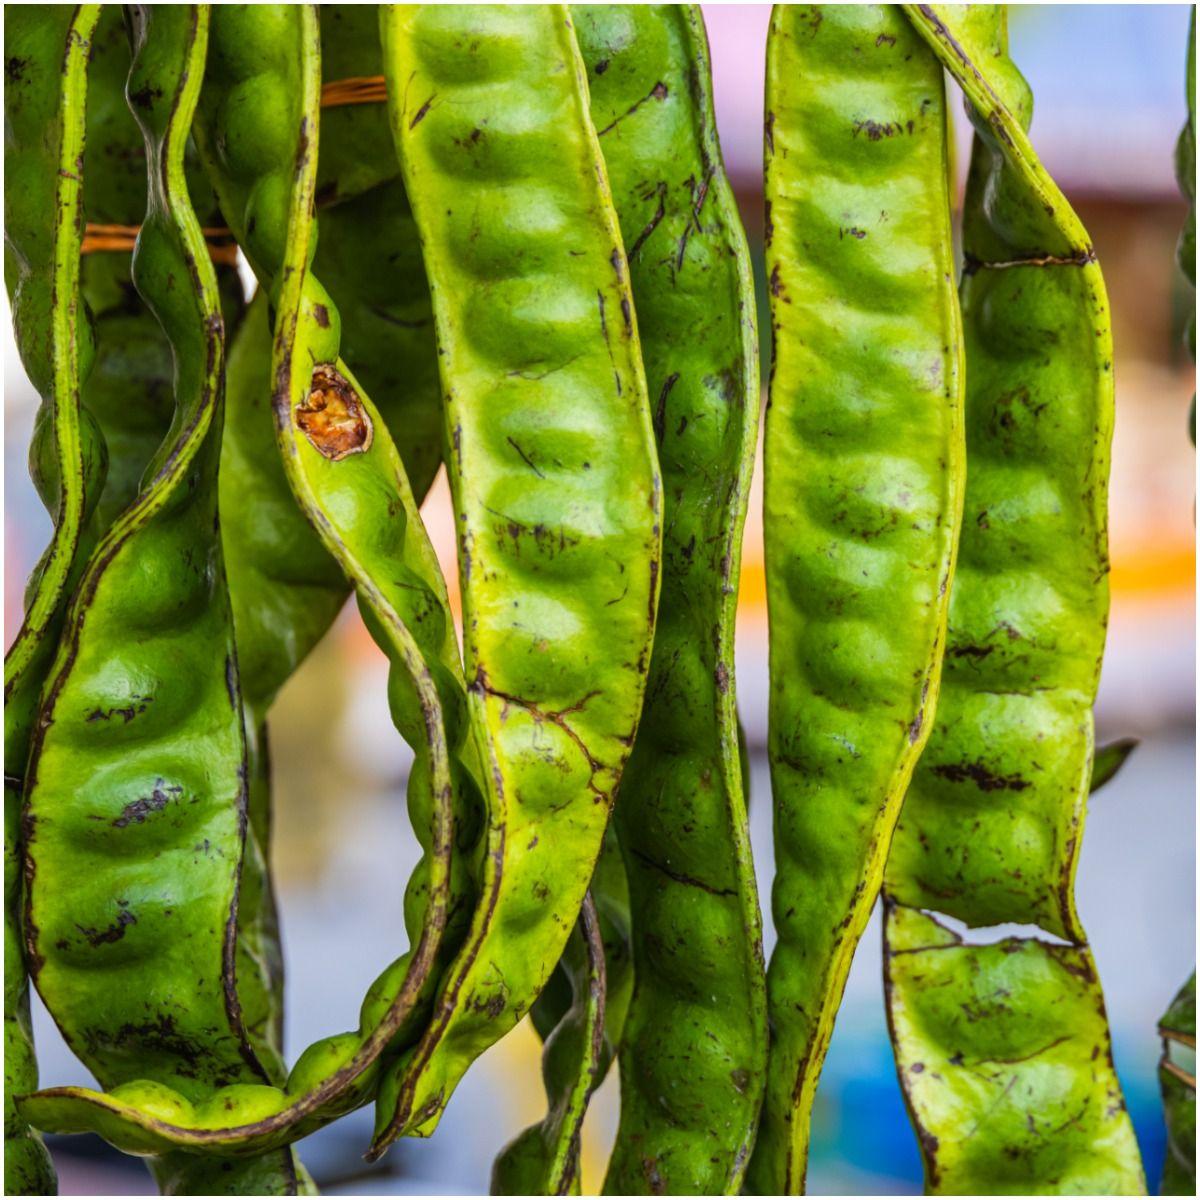 Petai (Stink) Beans Benefits